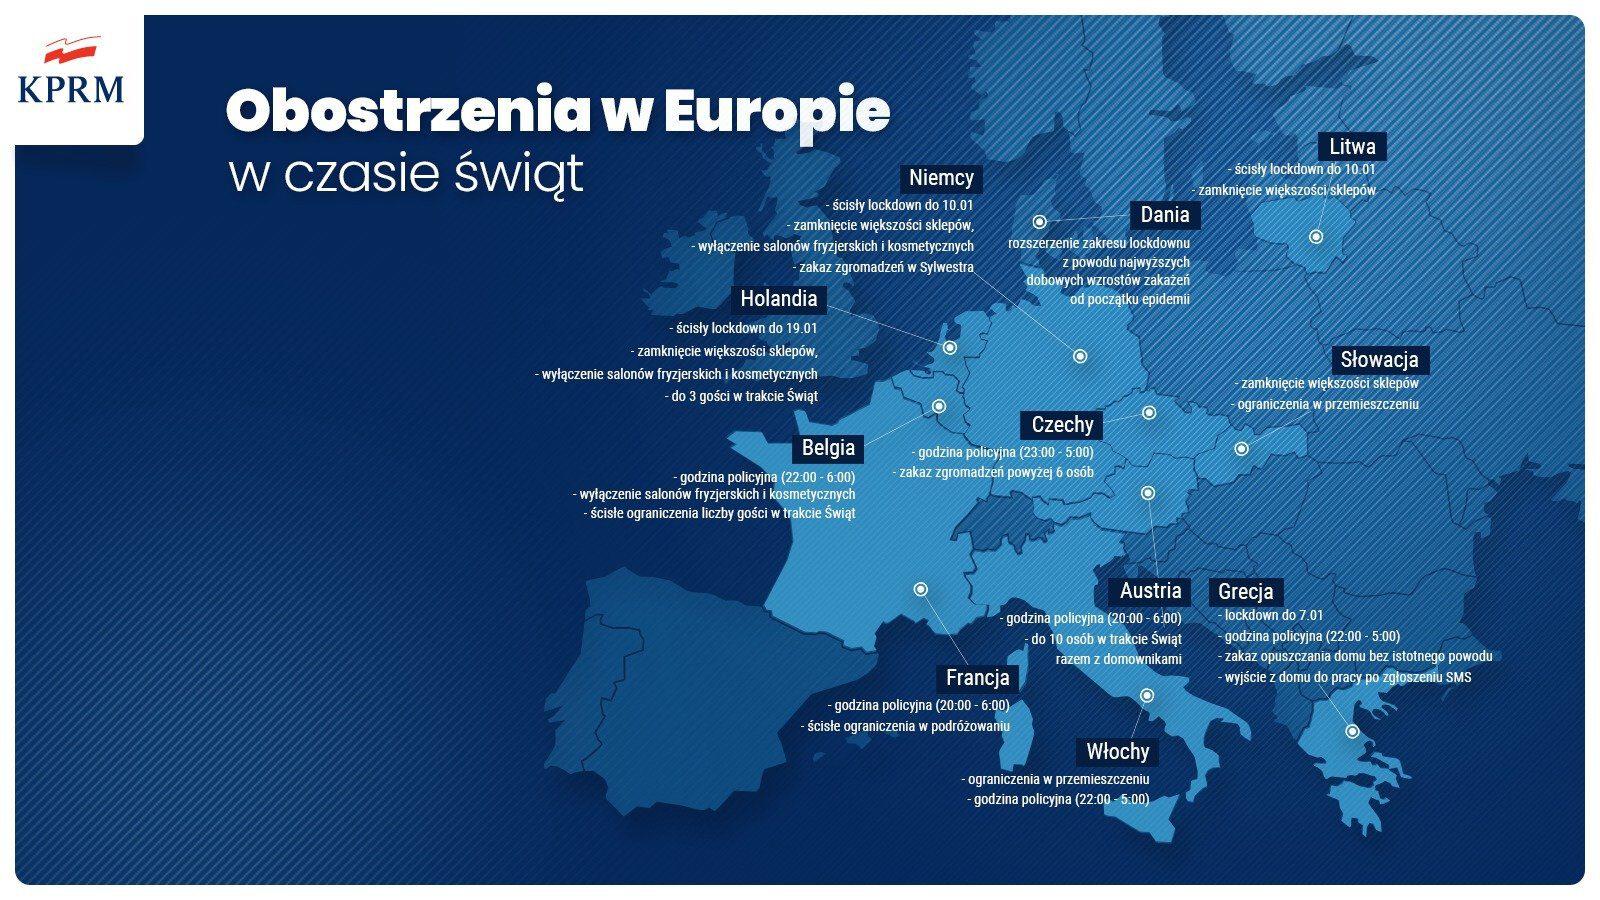 Obostrzenia w Europie związane z COVID-19 w czasie świąt Bożego Narodzenia 2020